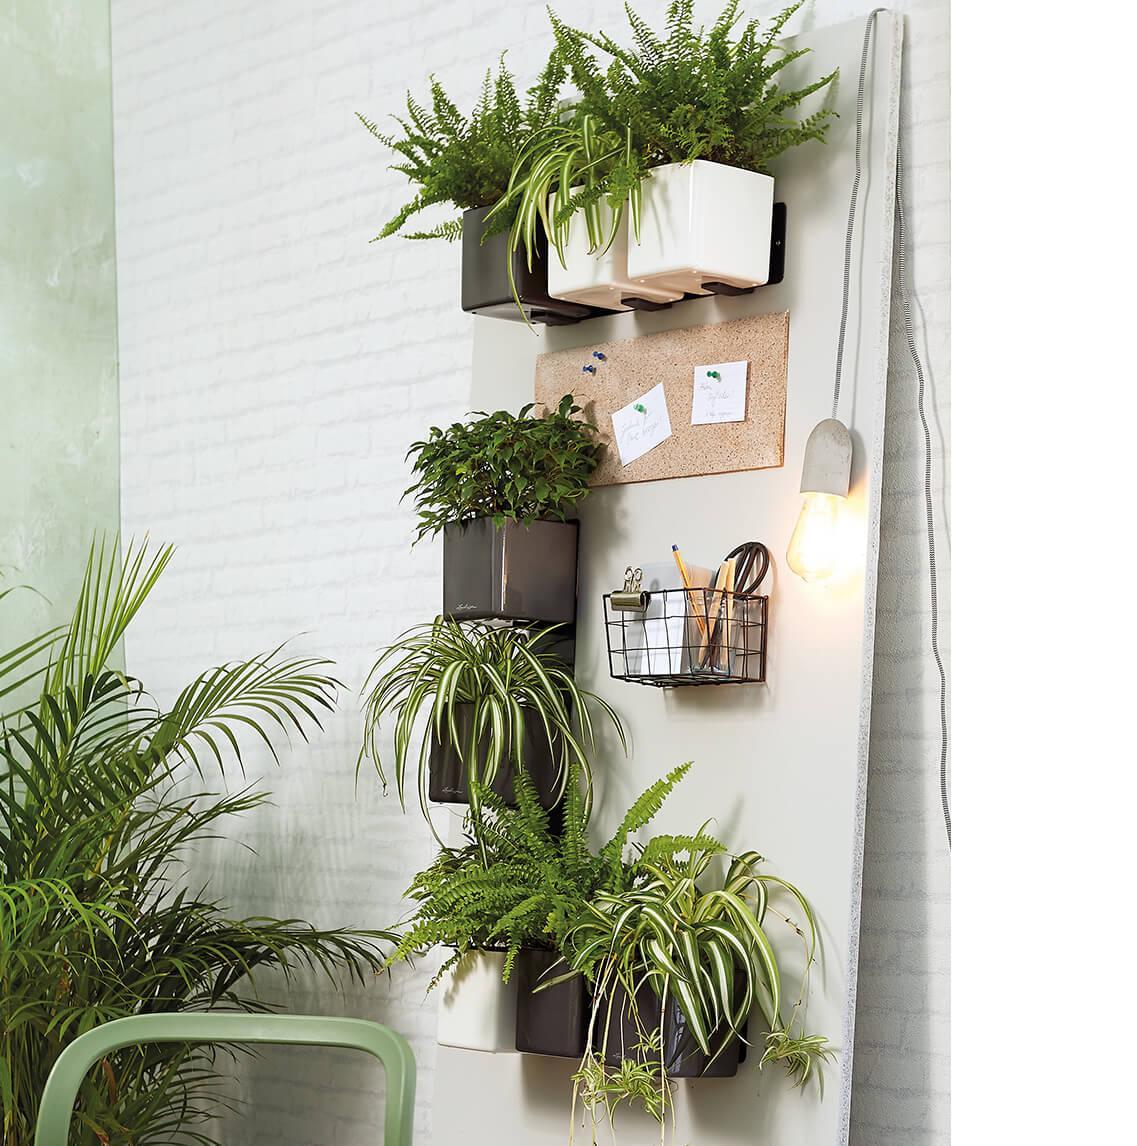 An einer Wand hängen mehrere Green Wall Kits zusammen mit Stiftehalter und Pinnwand